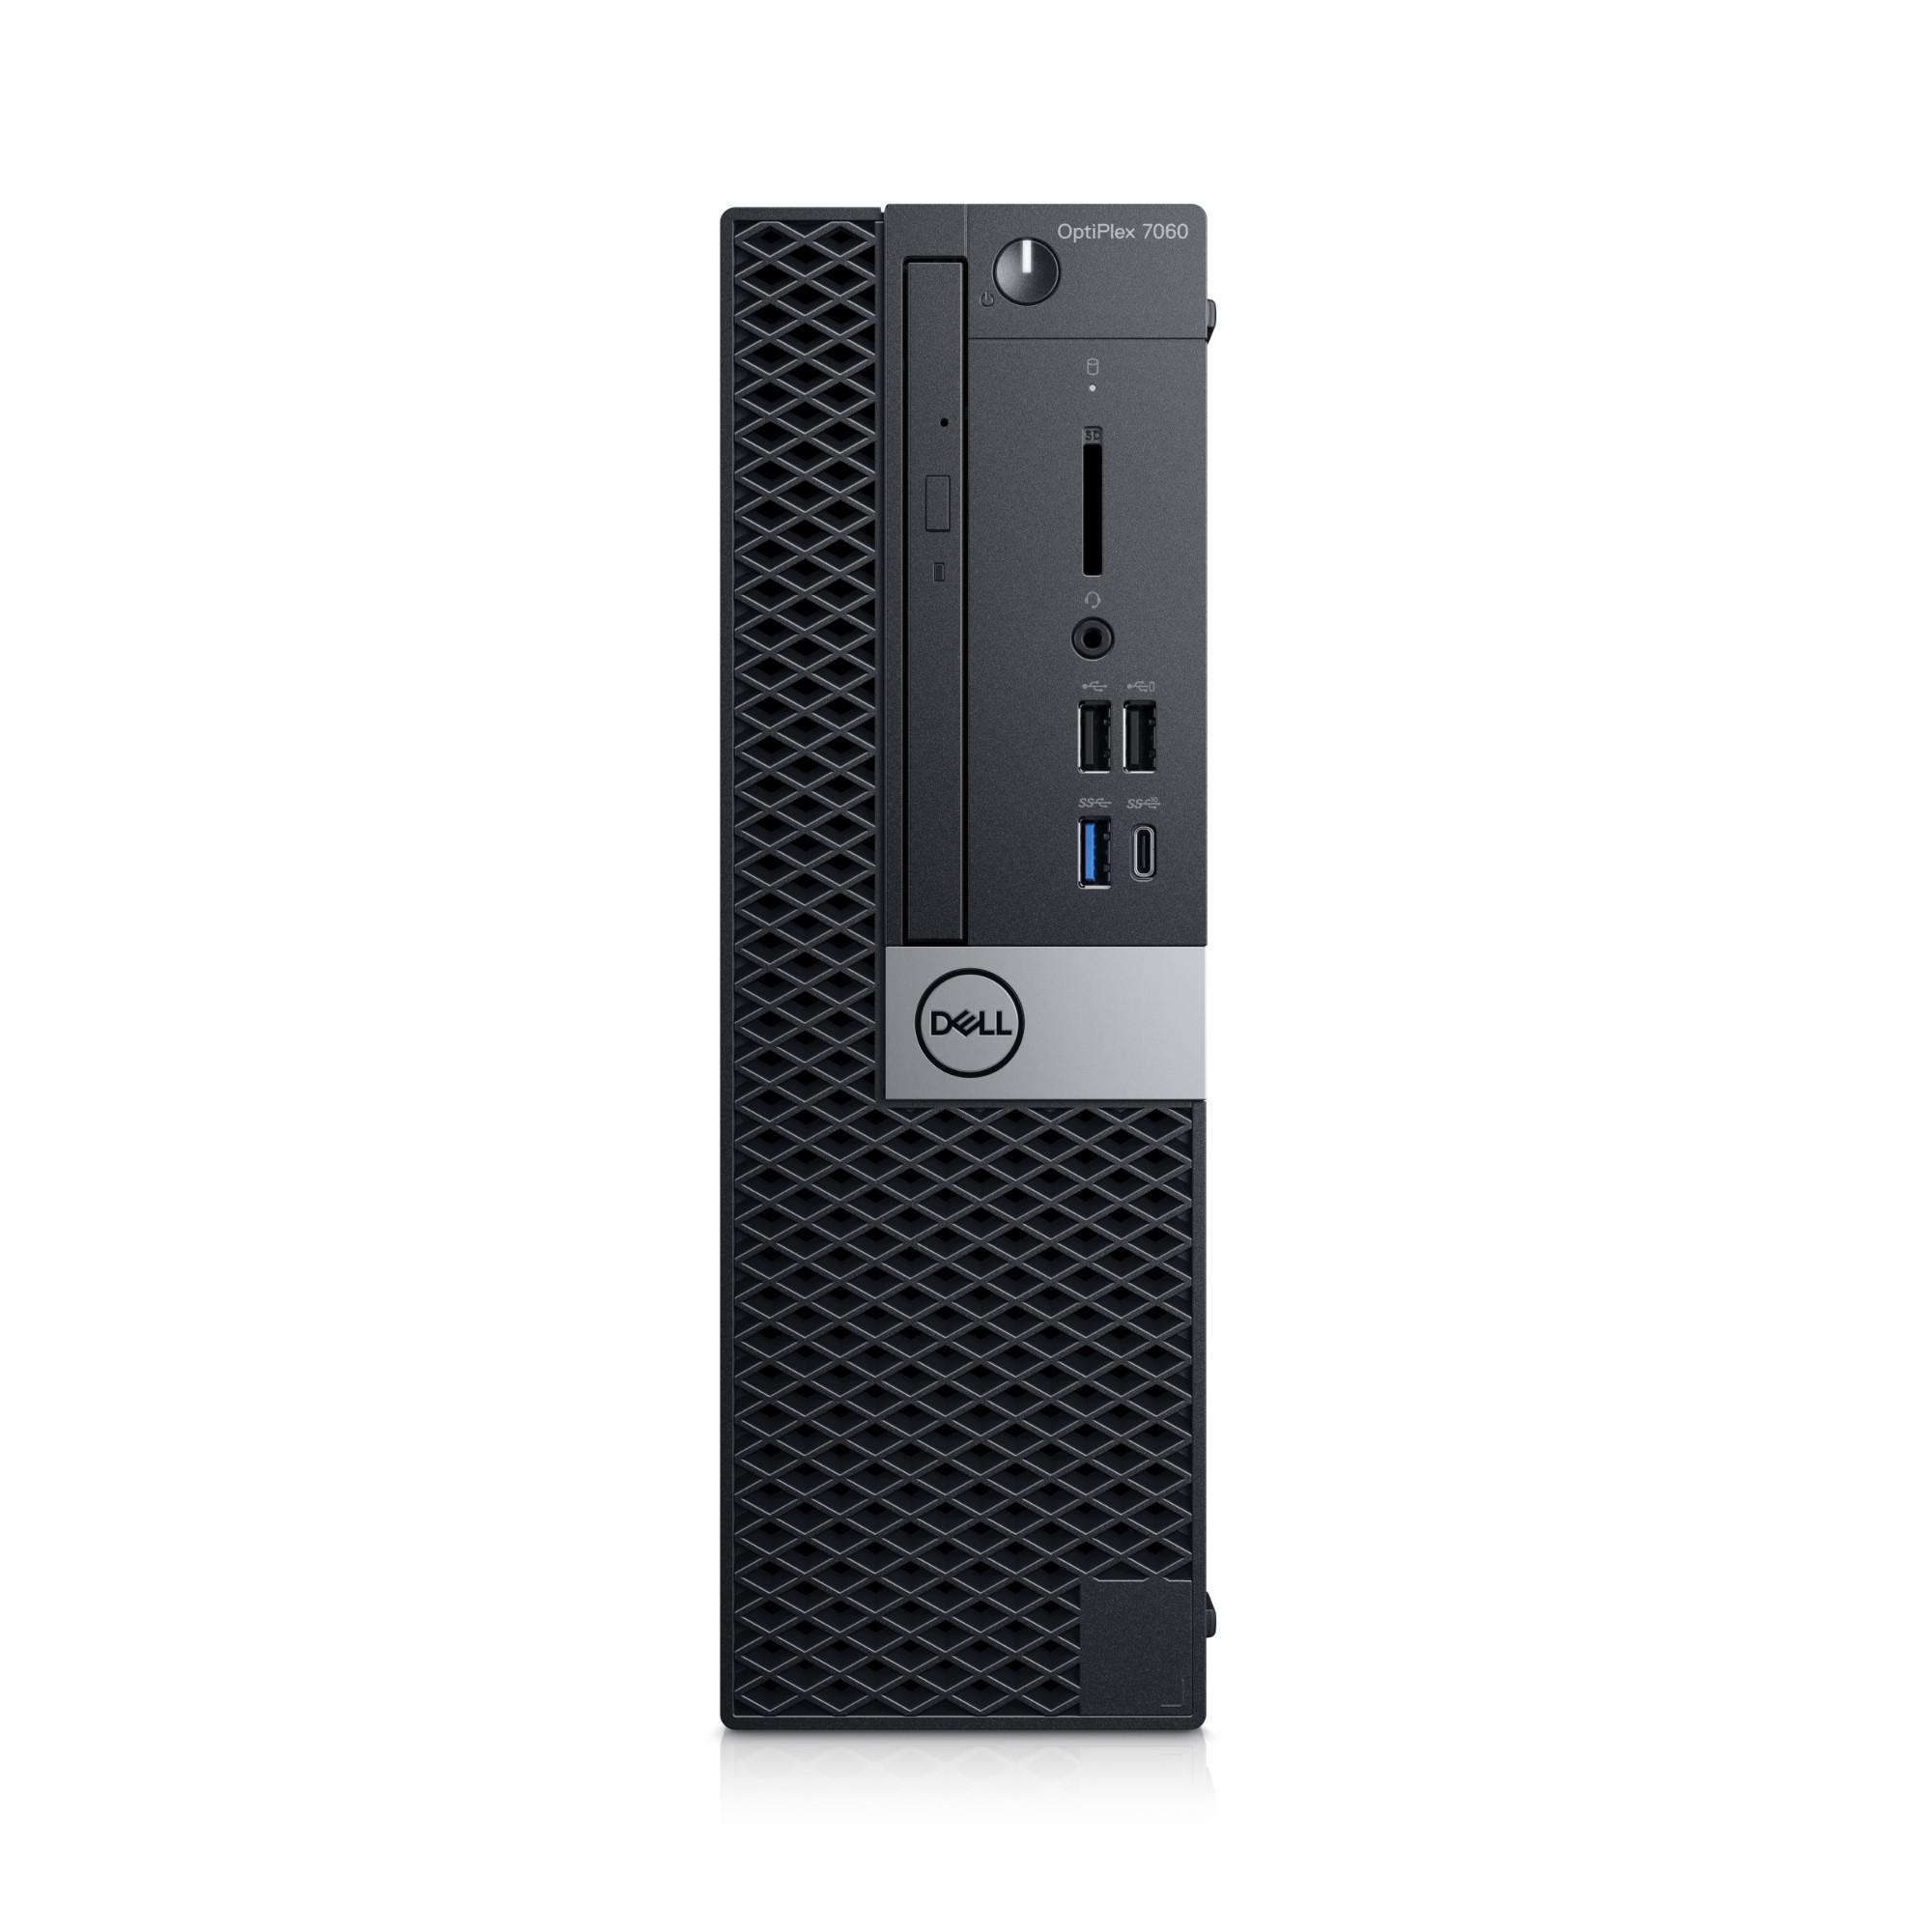 DELL OptiPlex 7060 70G86 Core i5-8500 8GB 256GB SSD DVDRW Win 10 Pro desktop